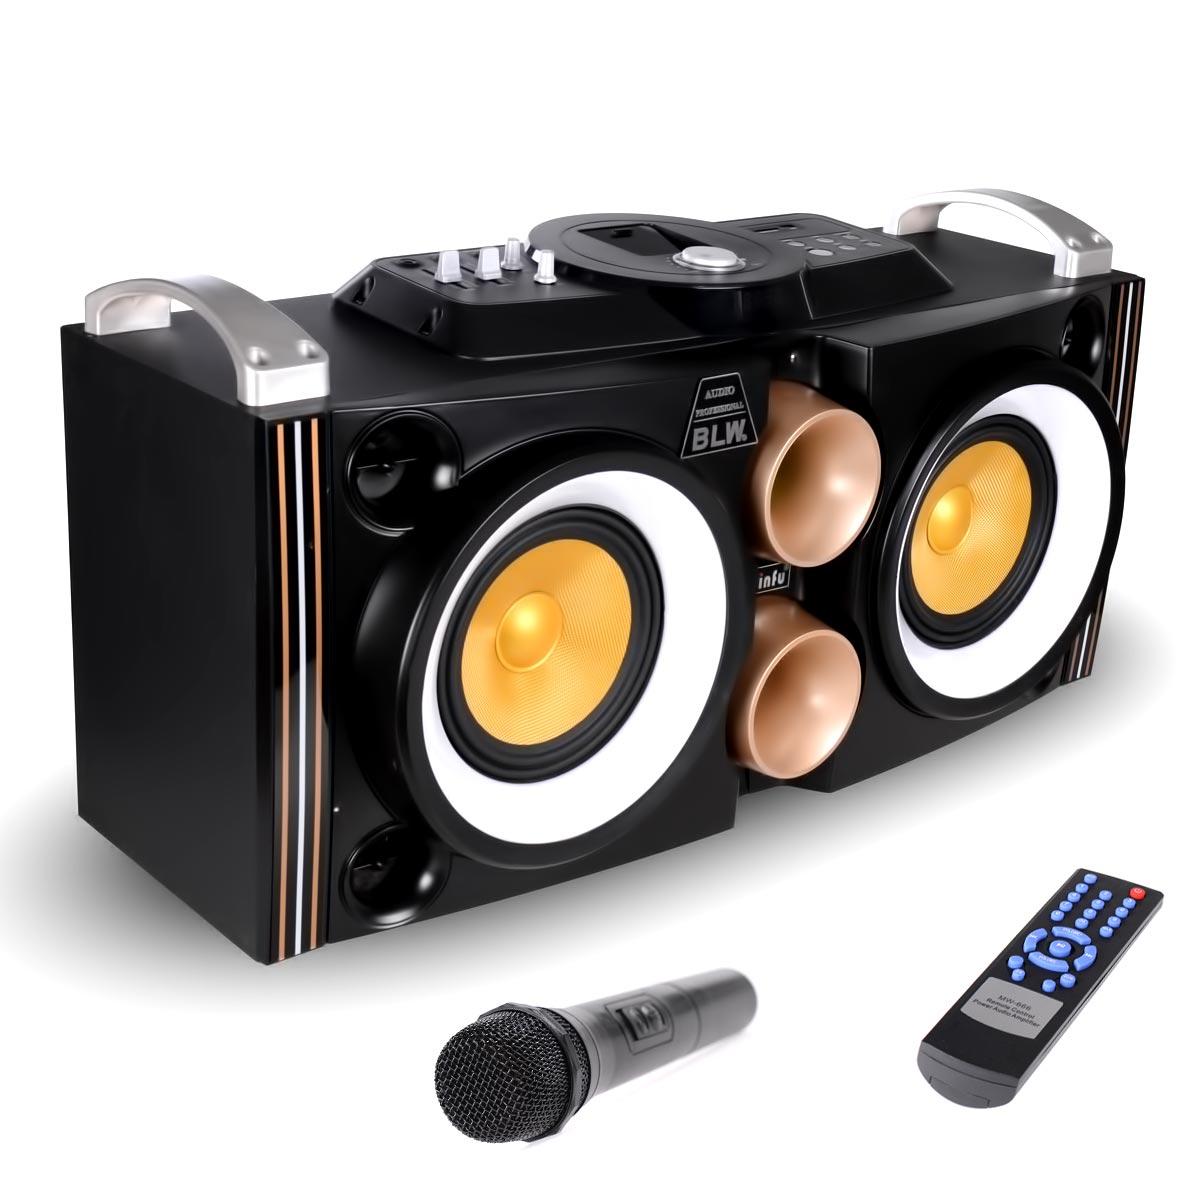 """Αυτο-ενισχυόμενο ηχείο με LED 10"""" 80W με Bluetooth, SD/USB/AUX και 2 μικρόφωνα - M88 - OEM 51999"""